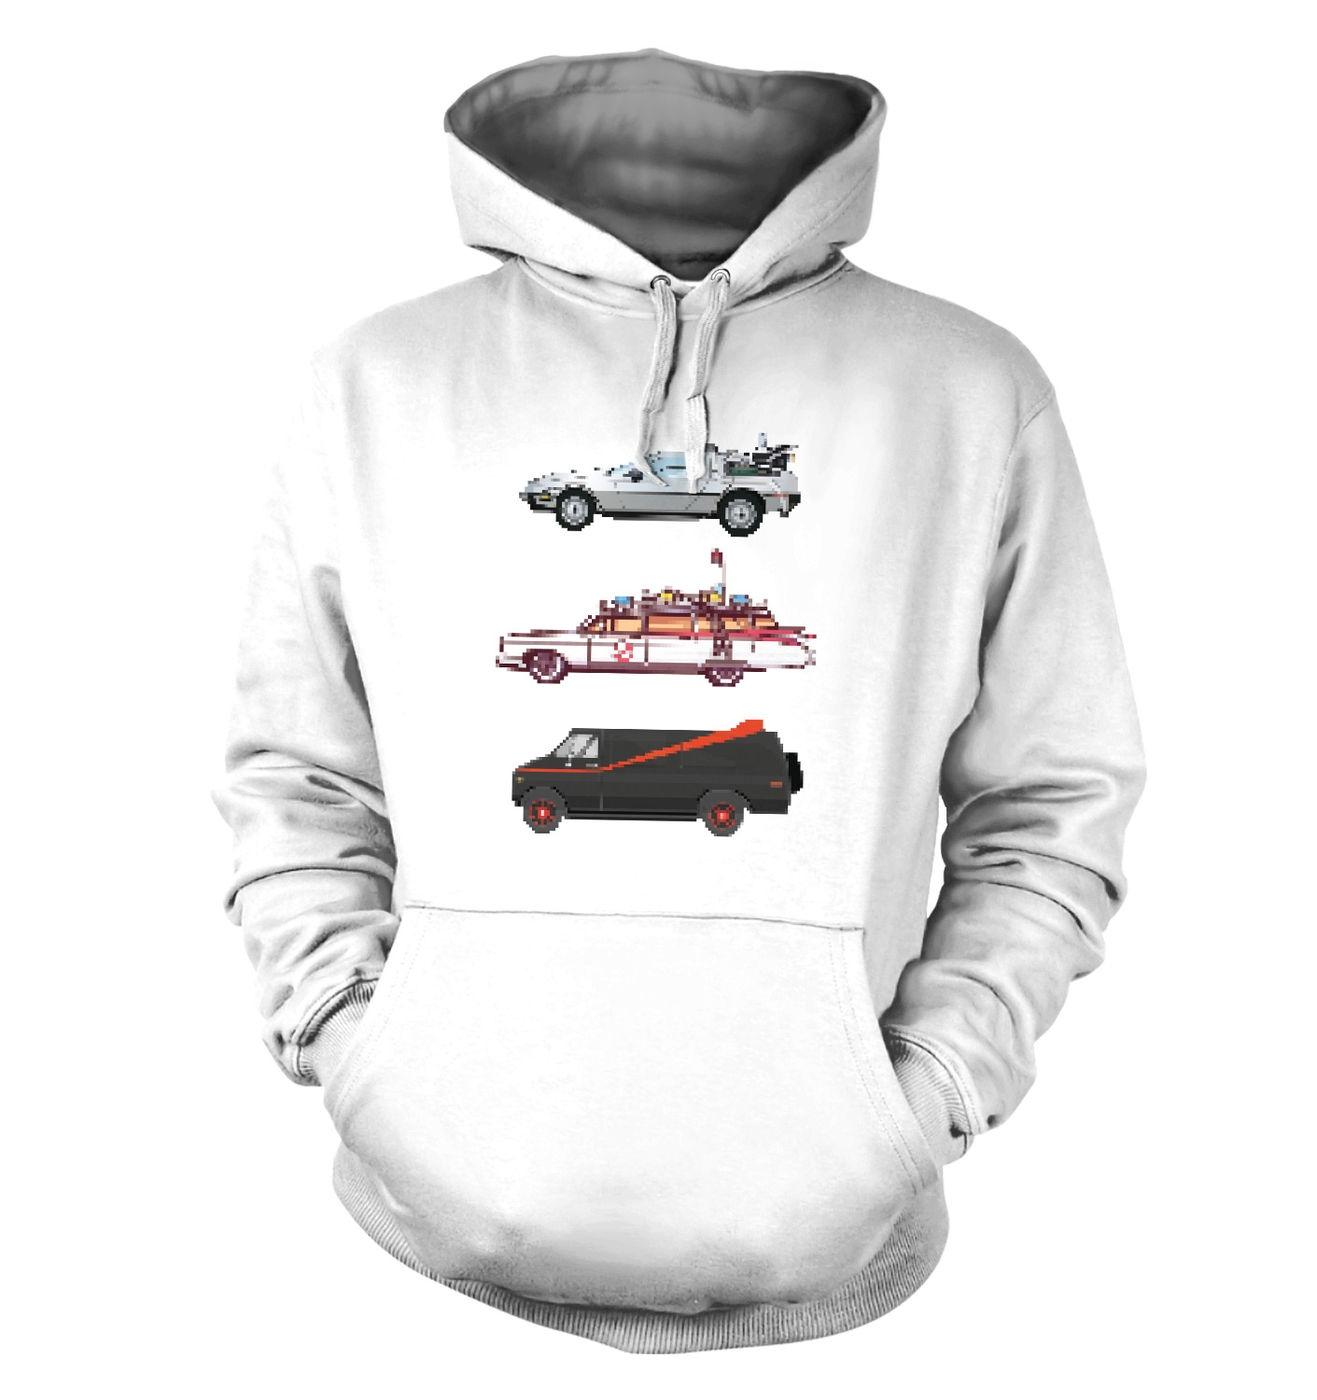 80s Pixel Cars hoodie by Something Geeky